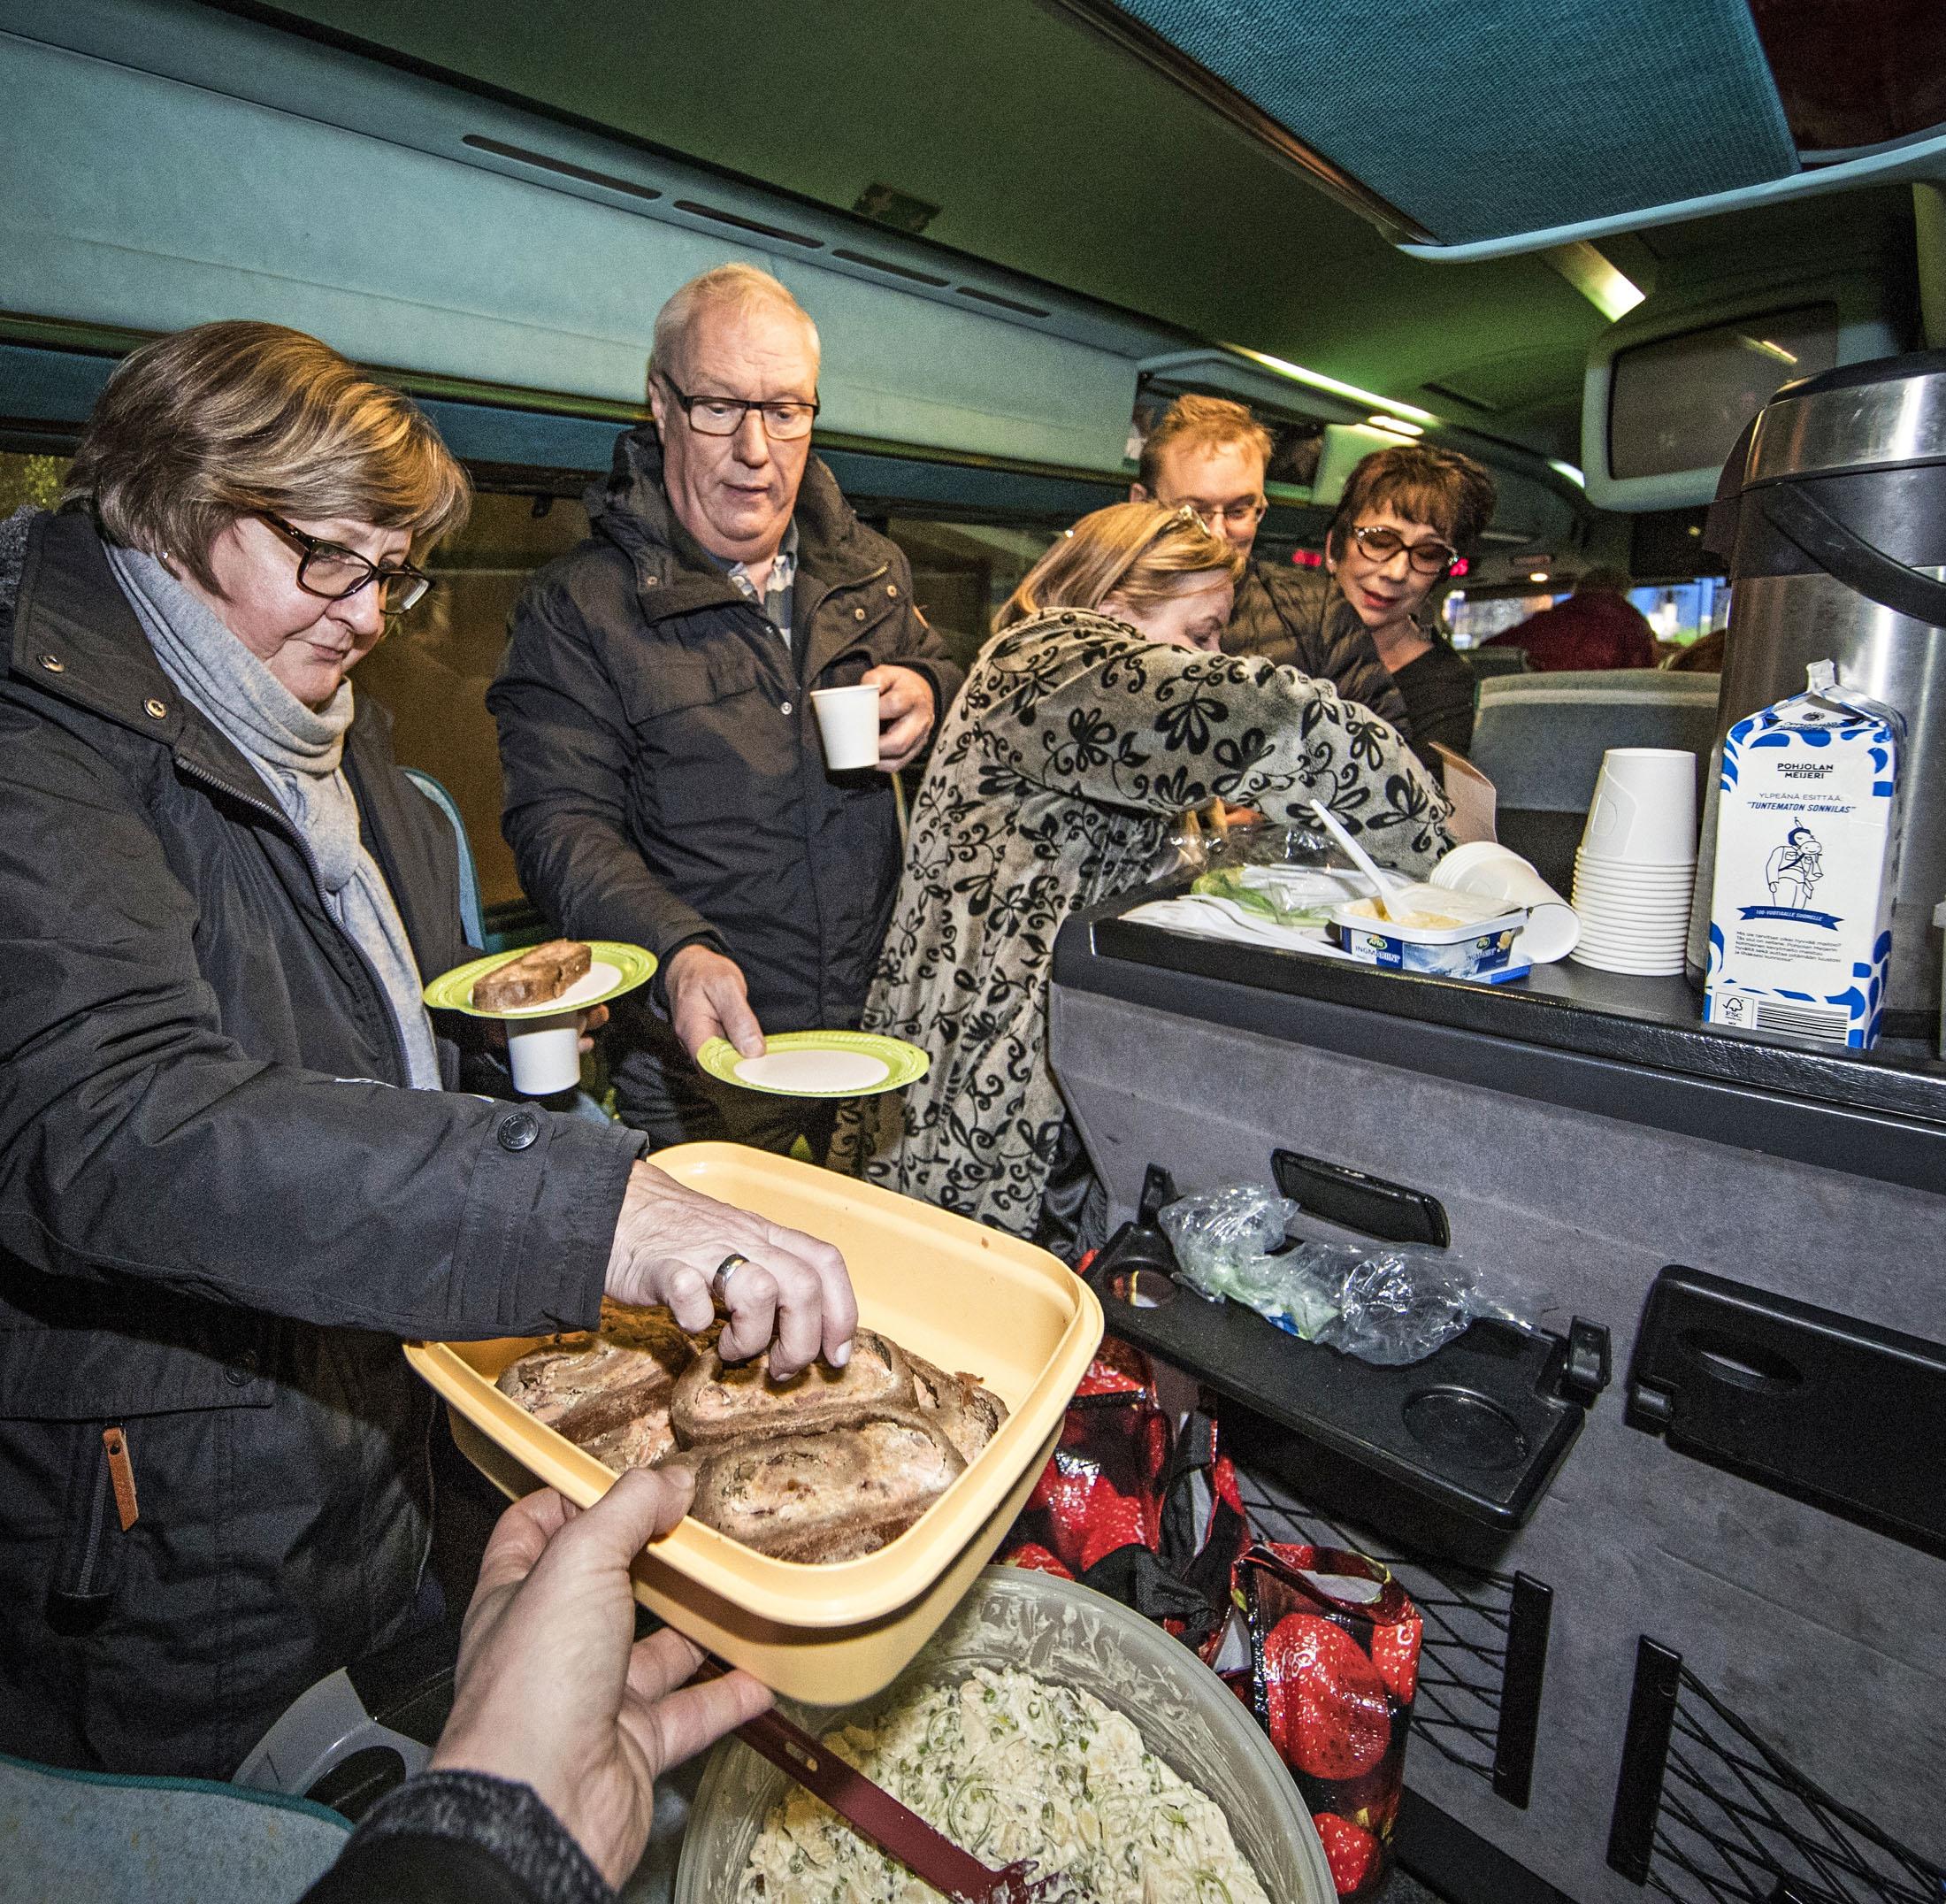 Moilasen bussissa ei nälkä yllätä. Tarjolla on Eija Erosen valmistamaa kalakukkoa ja perunasalaattia.